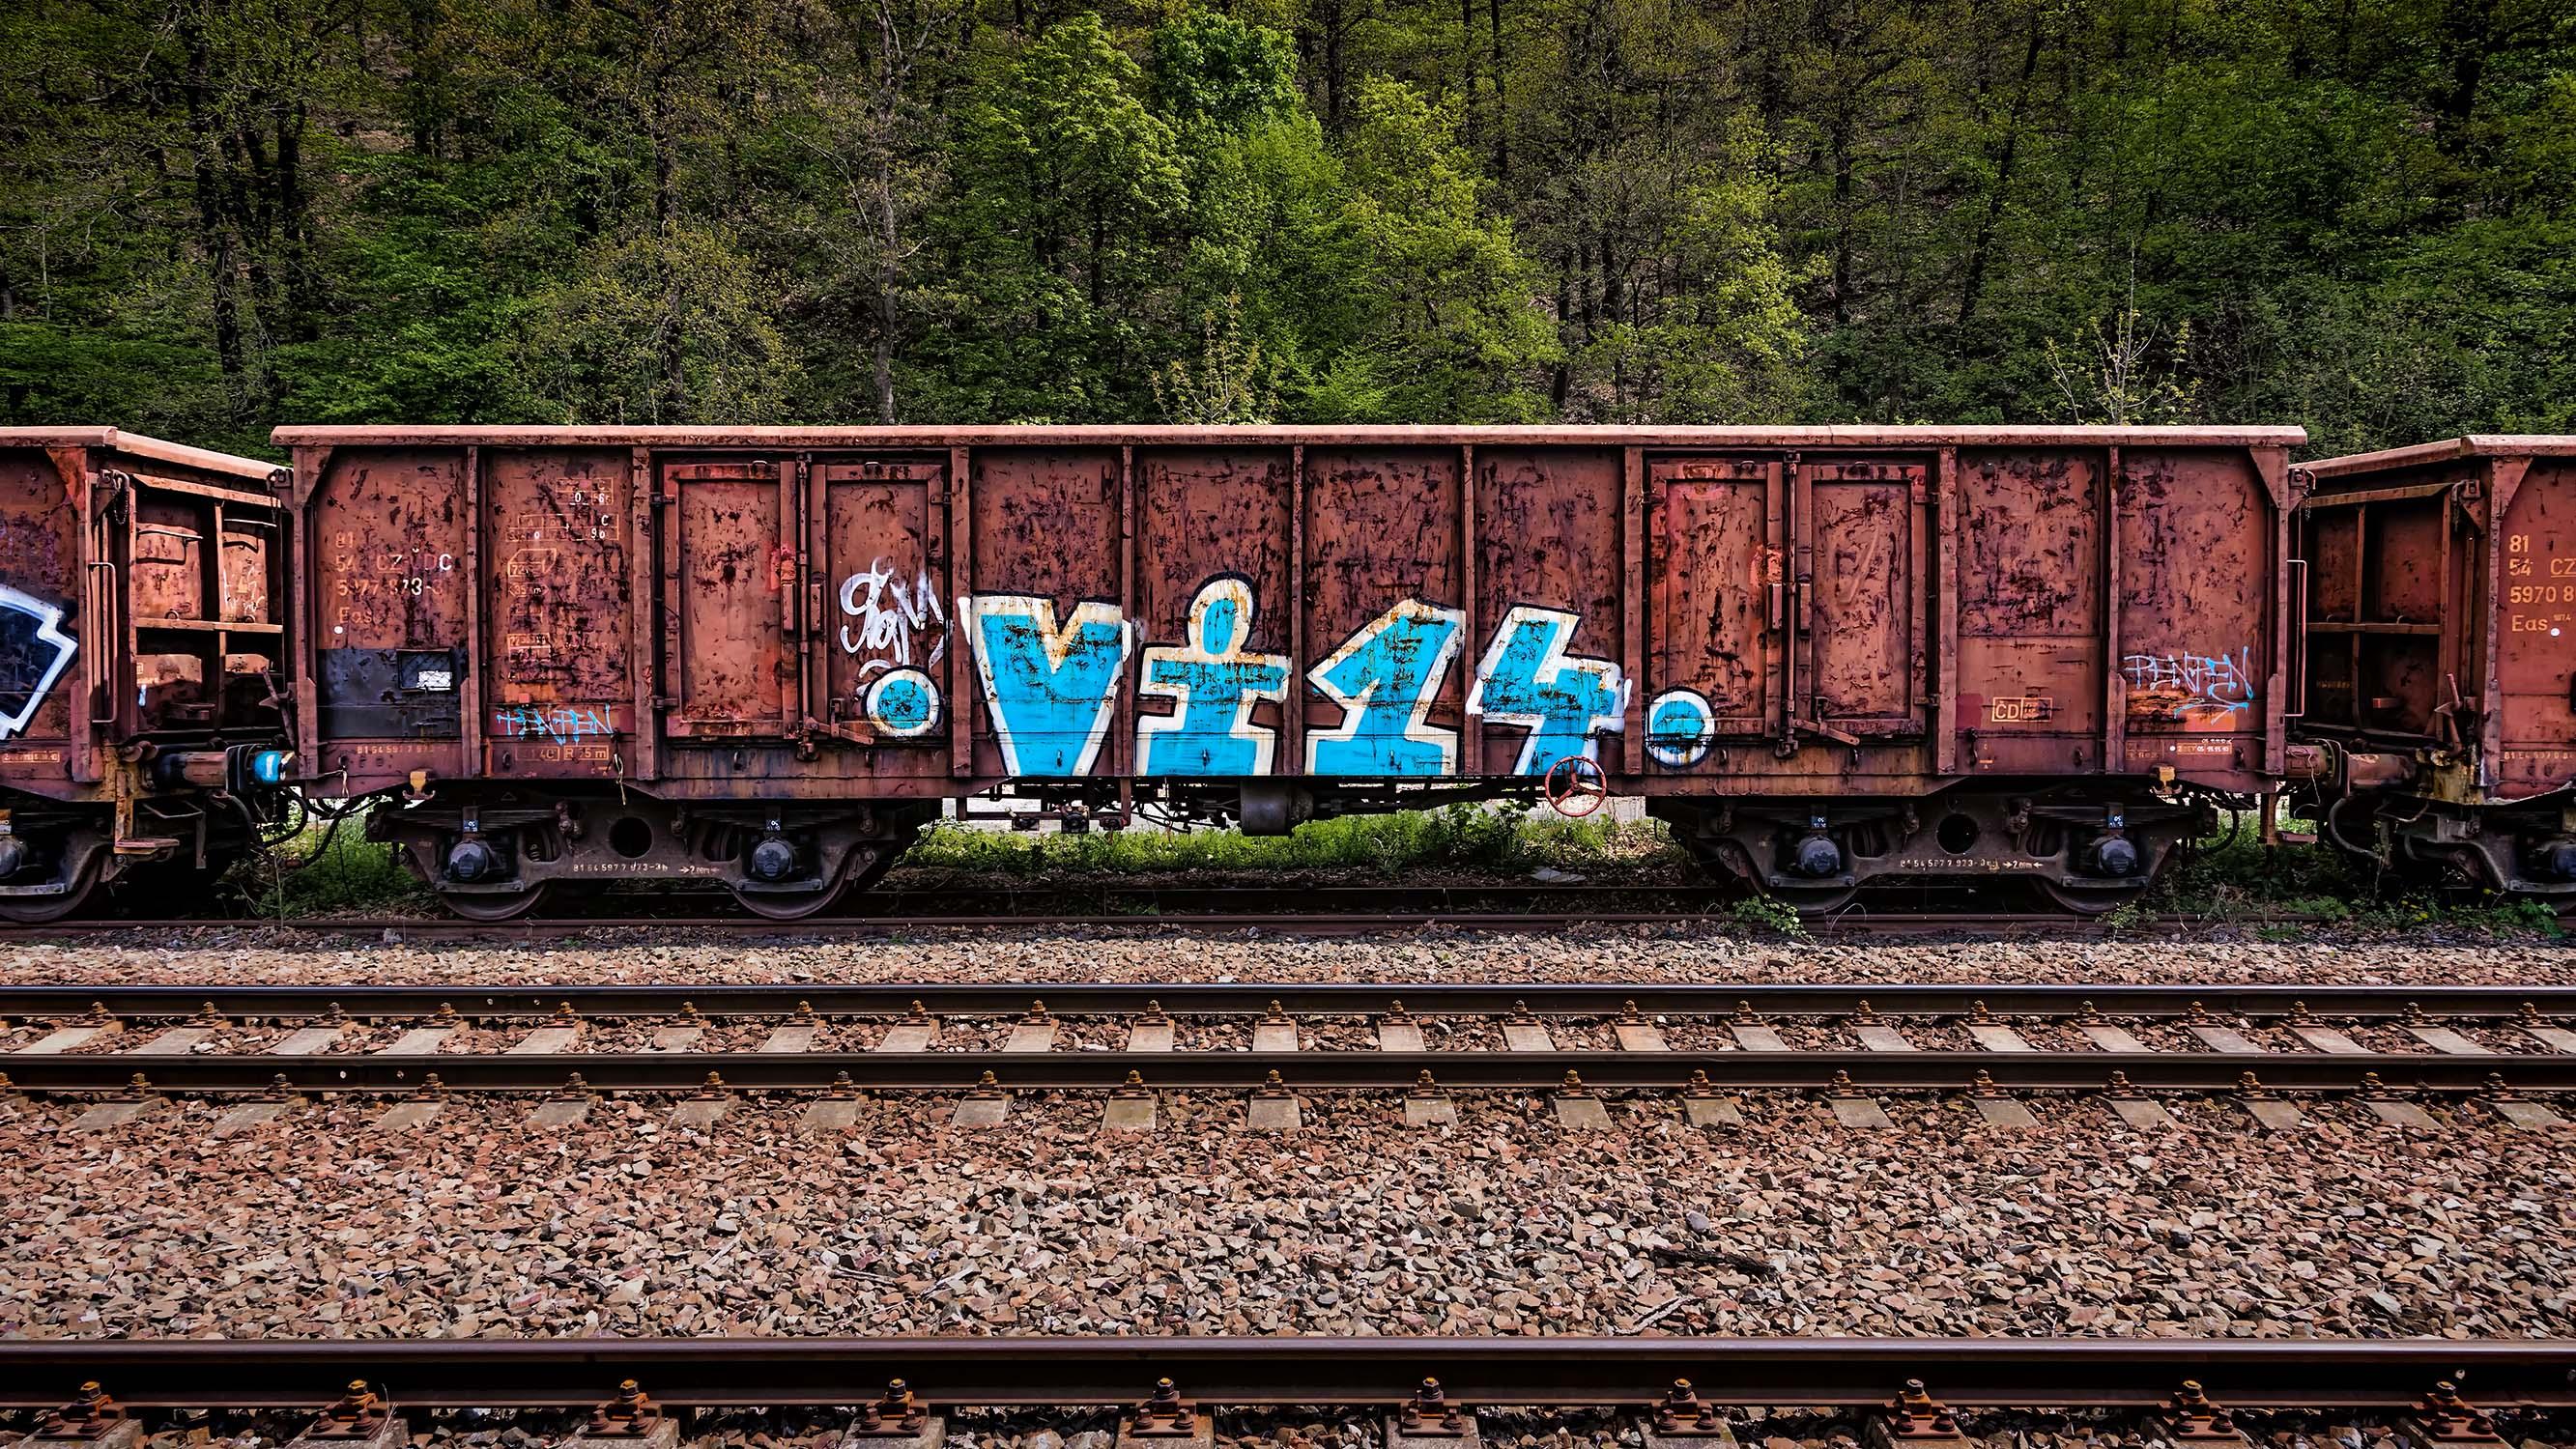 starý železniční nákladní vagon na nádraží ve Zbraslavi u Prahy od Jan Stojan Photography ©